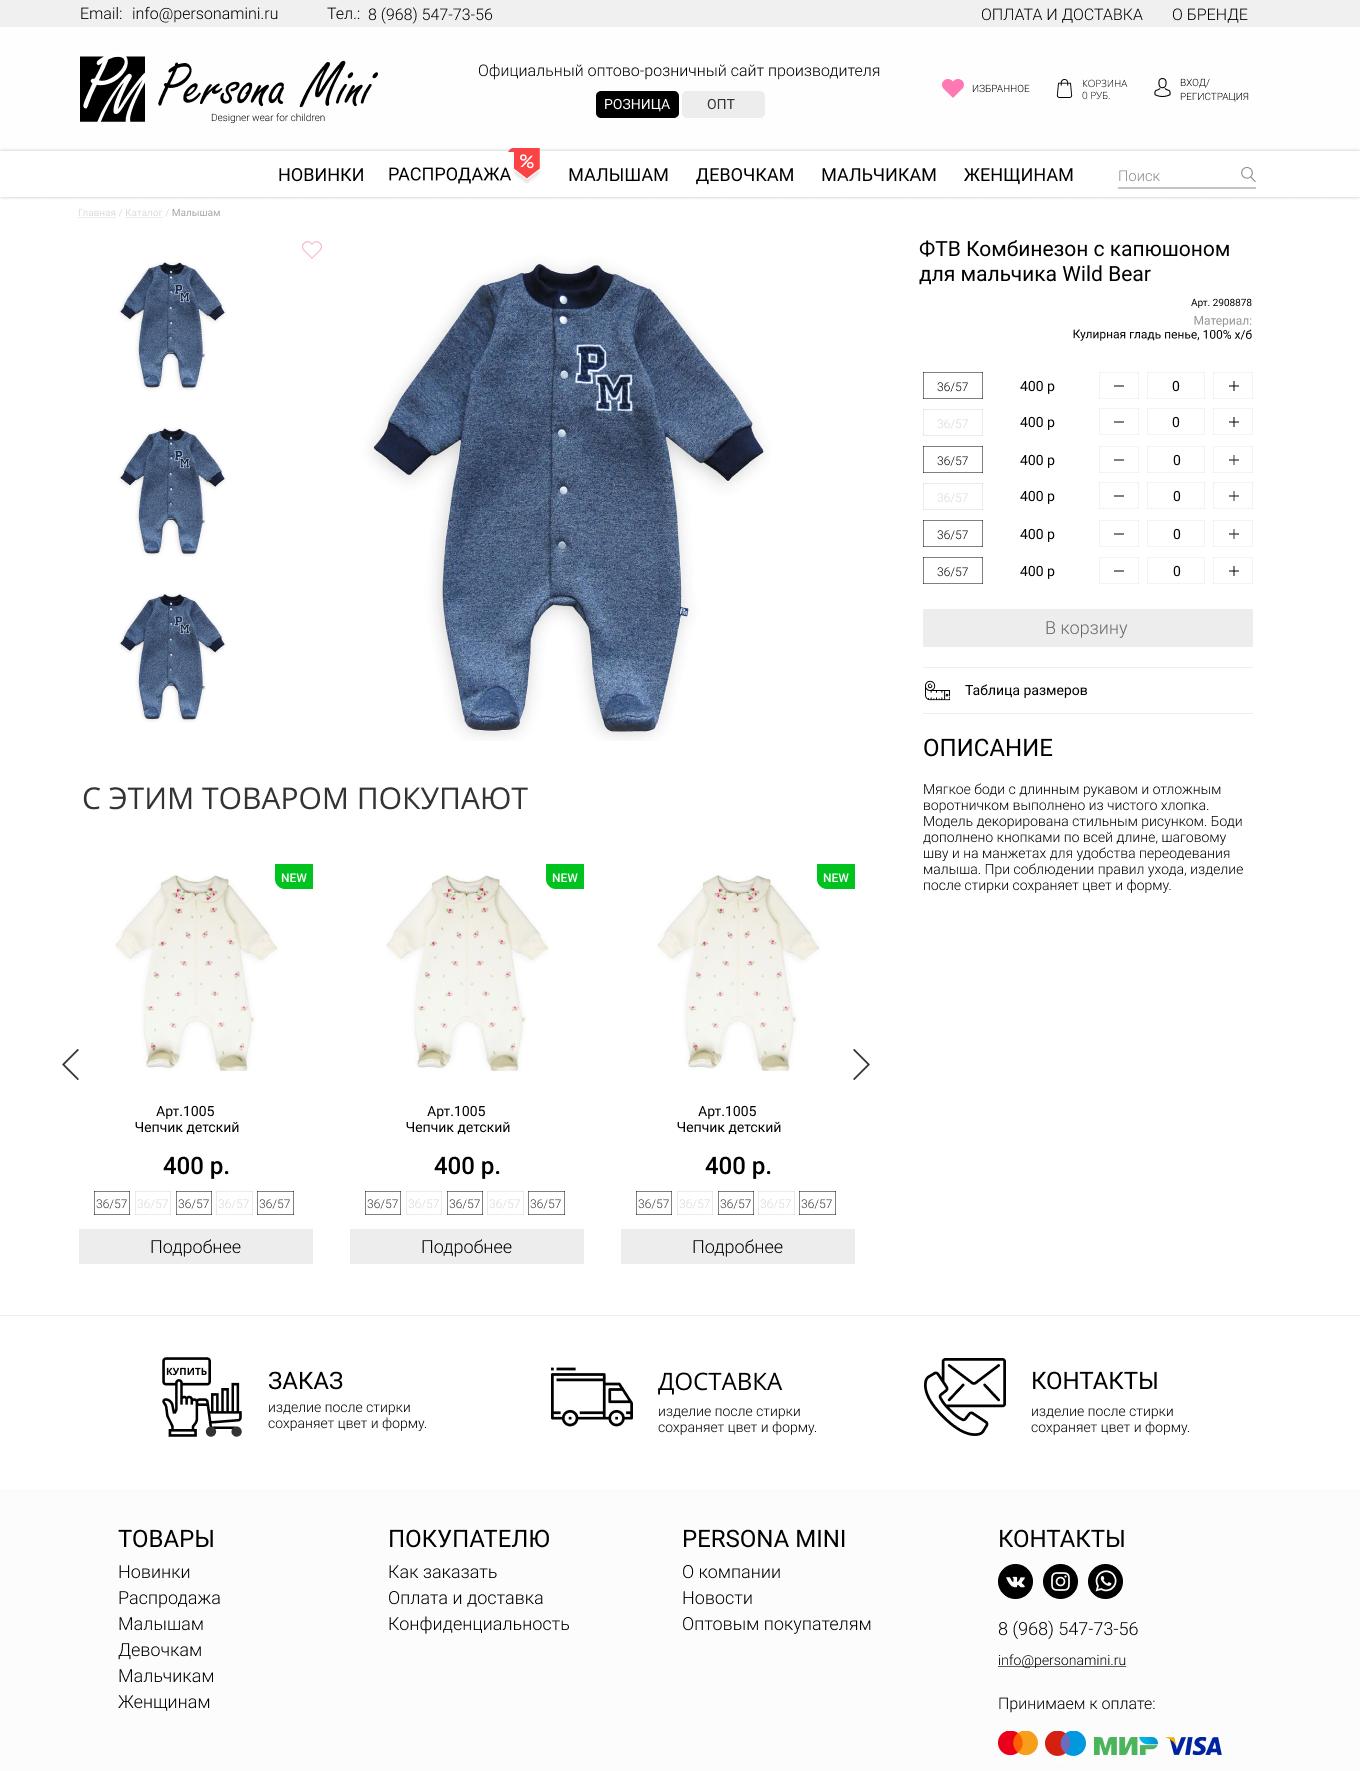 Макет сайта Детская одежда Персона Мини 2